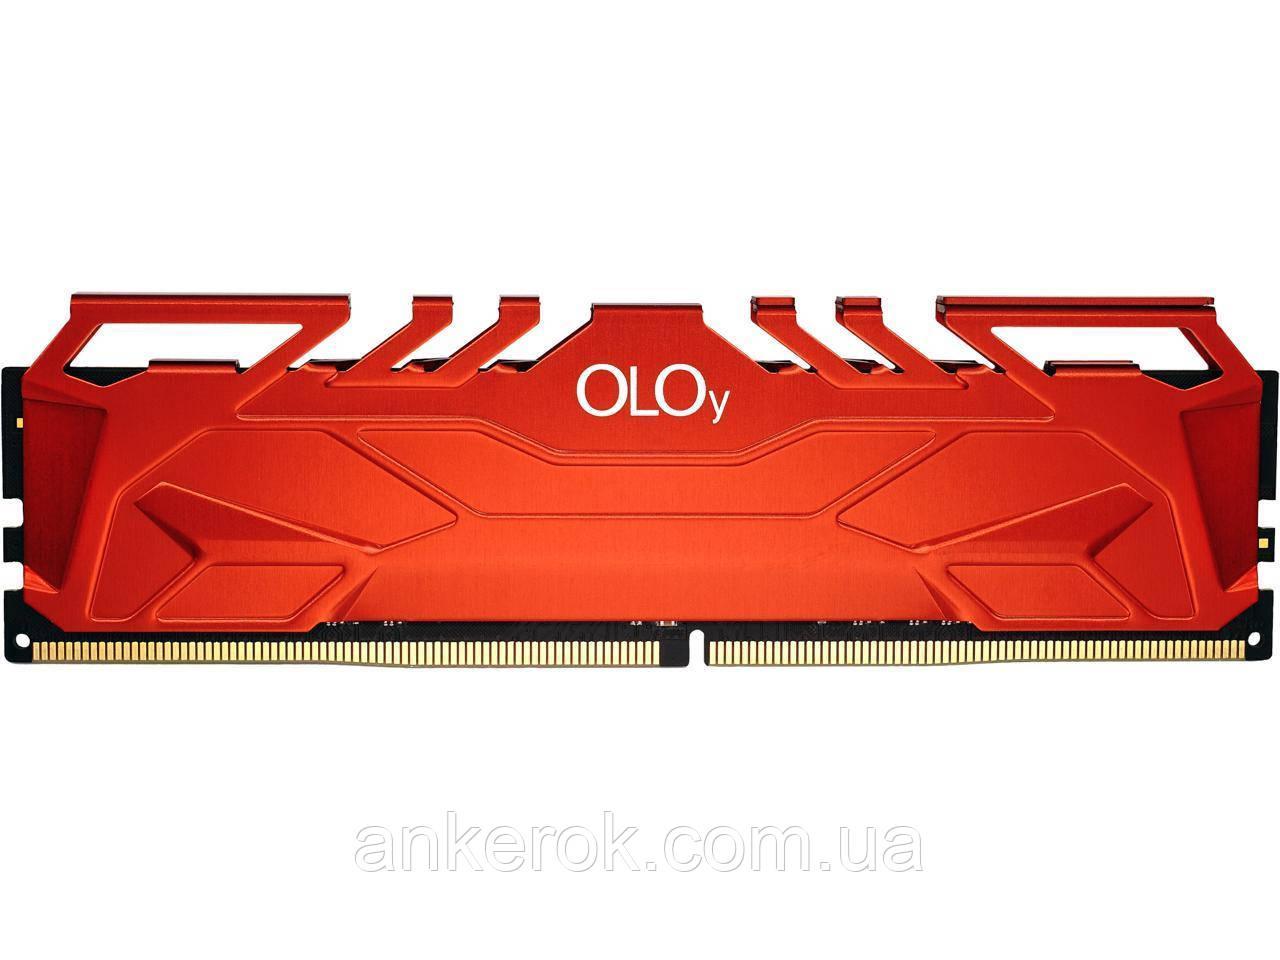 Оперативна пам'ять OLOy Owl 16Gb (2x8Gb) DDR4 3000 MHz Red (MD4U083016BHDA)